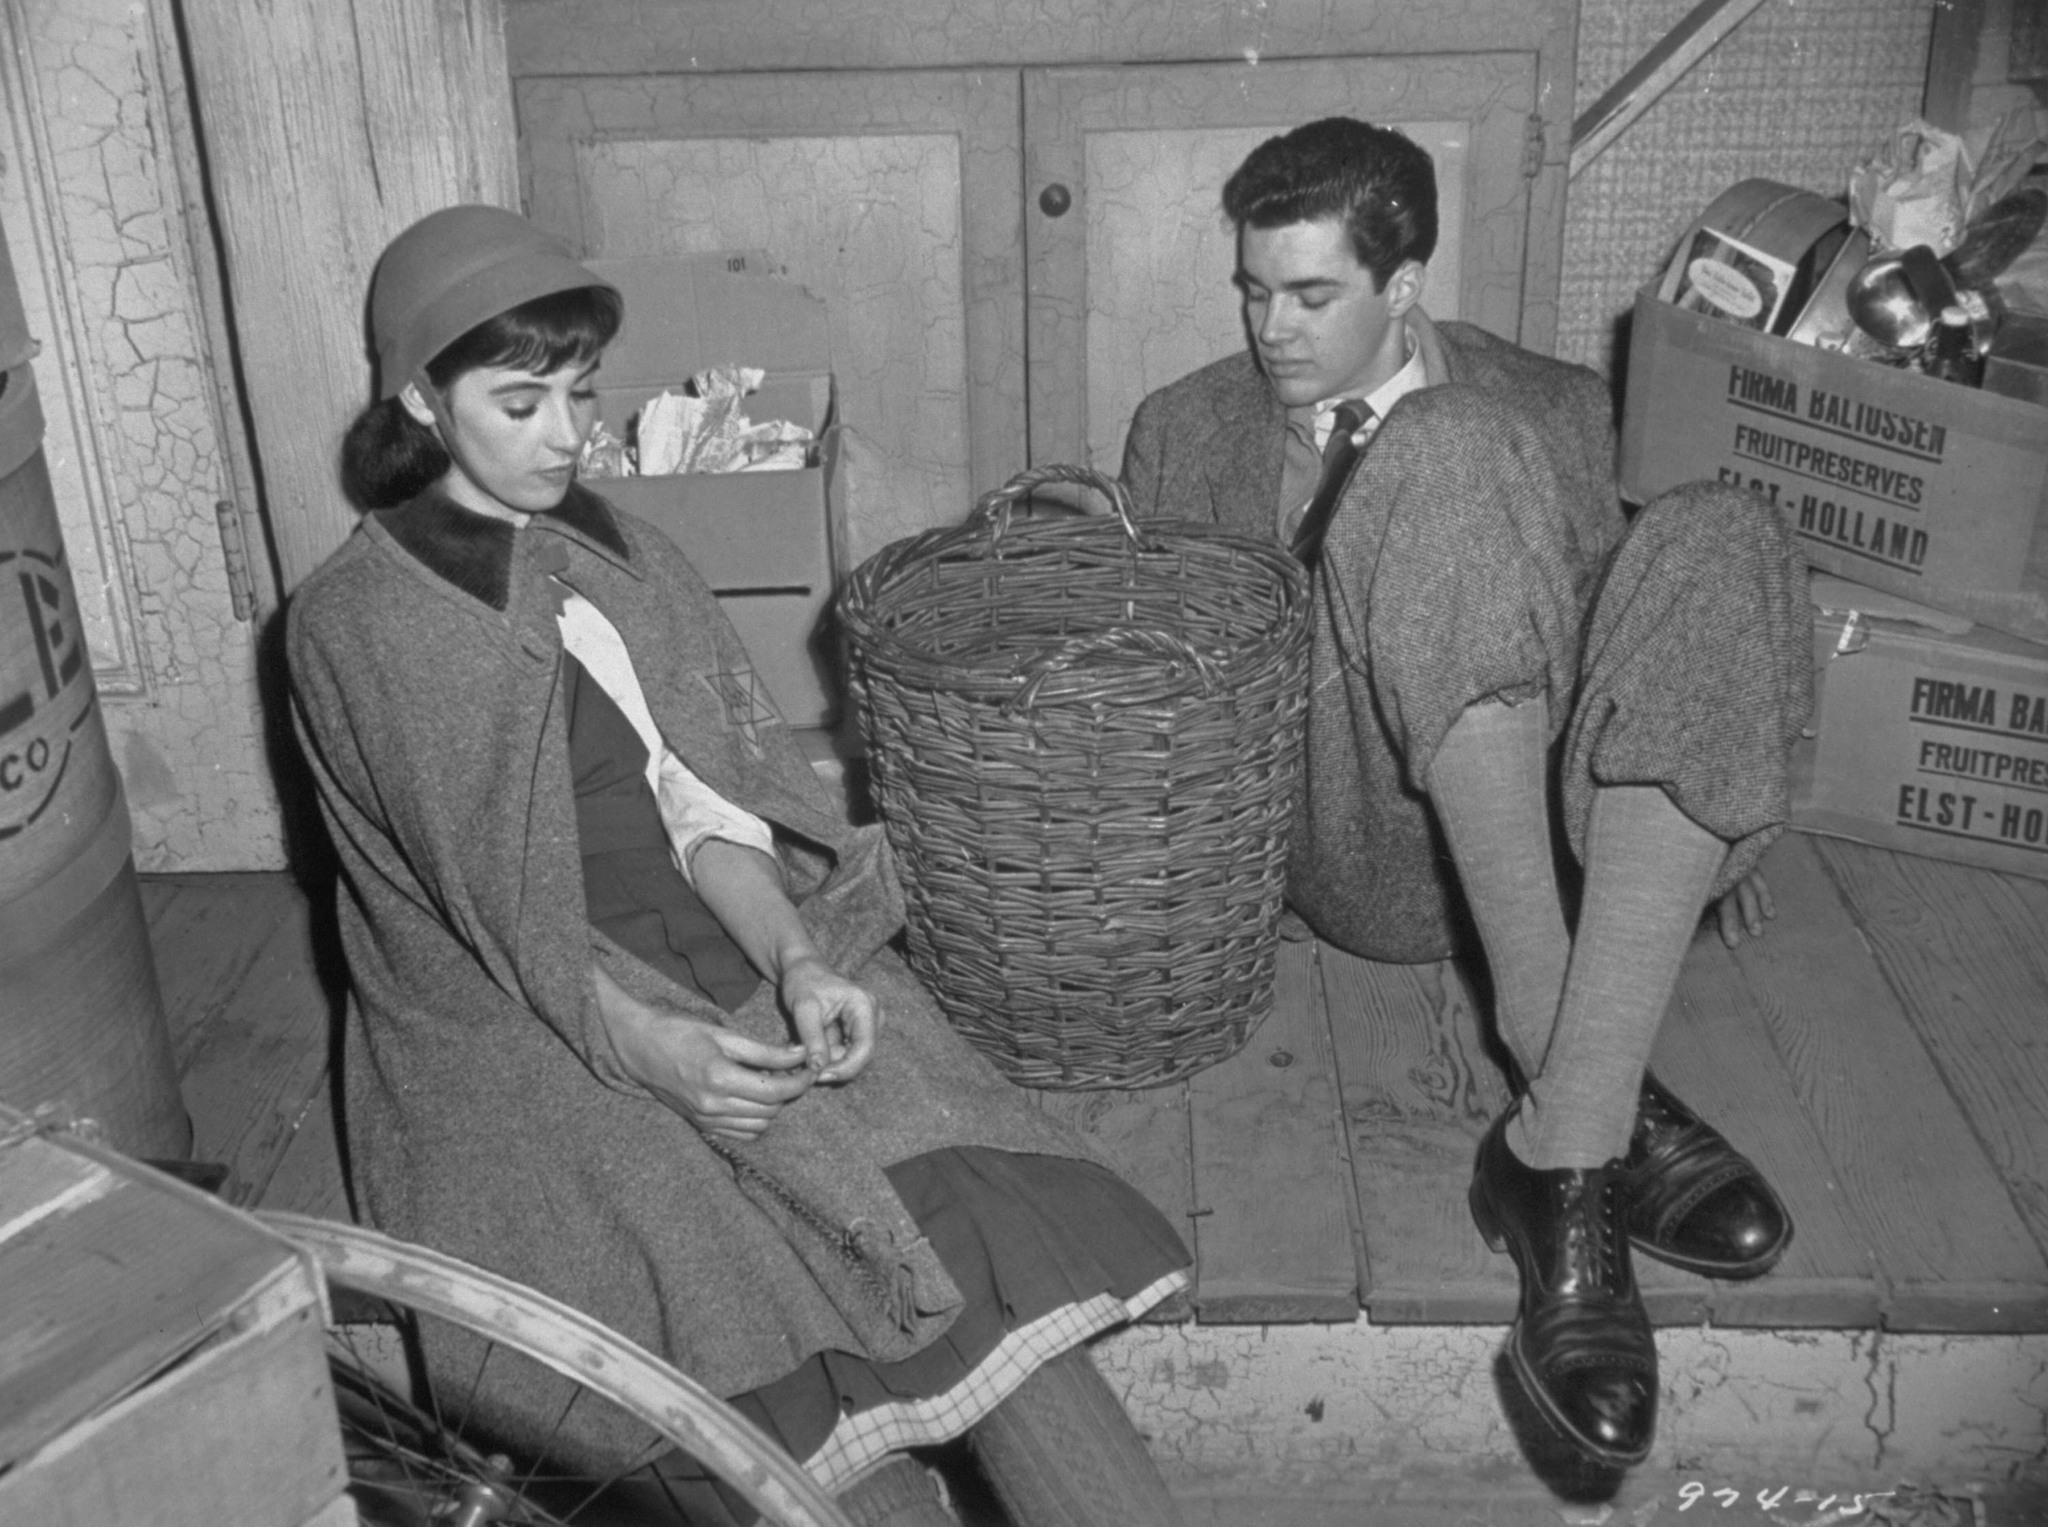 Millie Perkins Anne Frank And Richard Beymer Peter Van Daan In The 1959 Film Version Of The Diary Of Anne Frank Anne Frank Borns